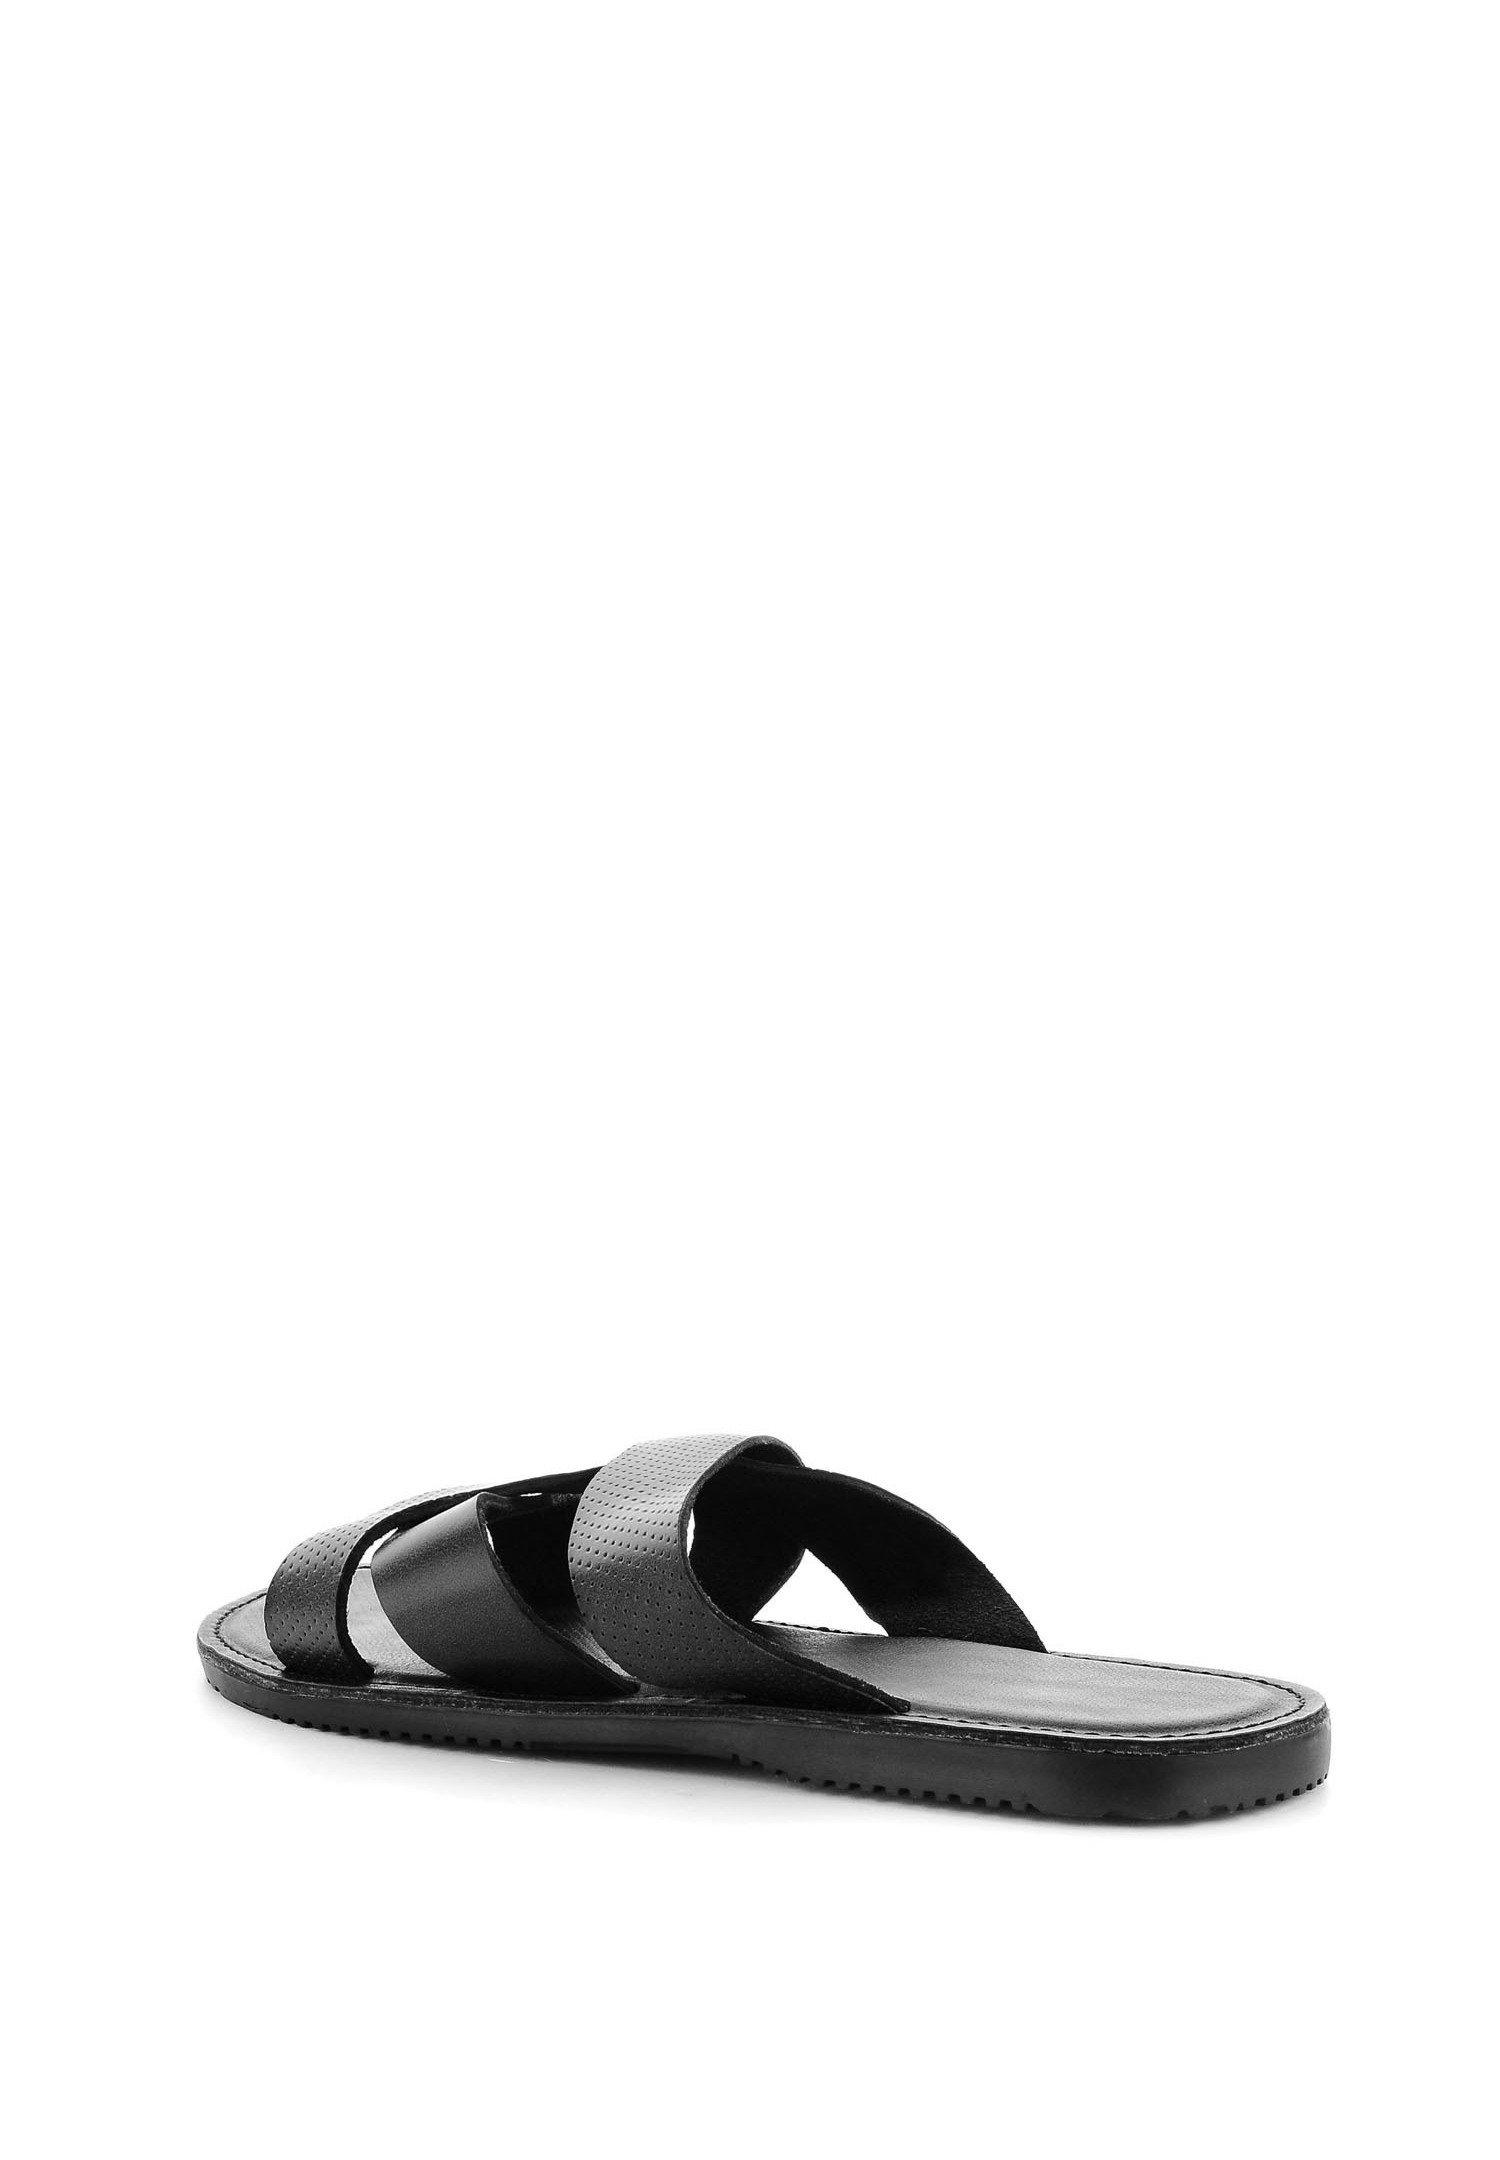 Prima Moda Sandales - Black